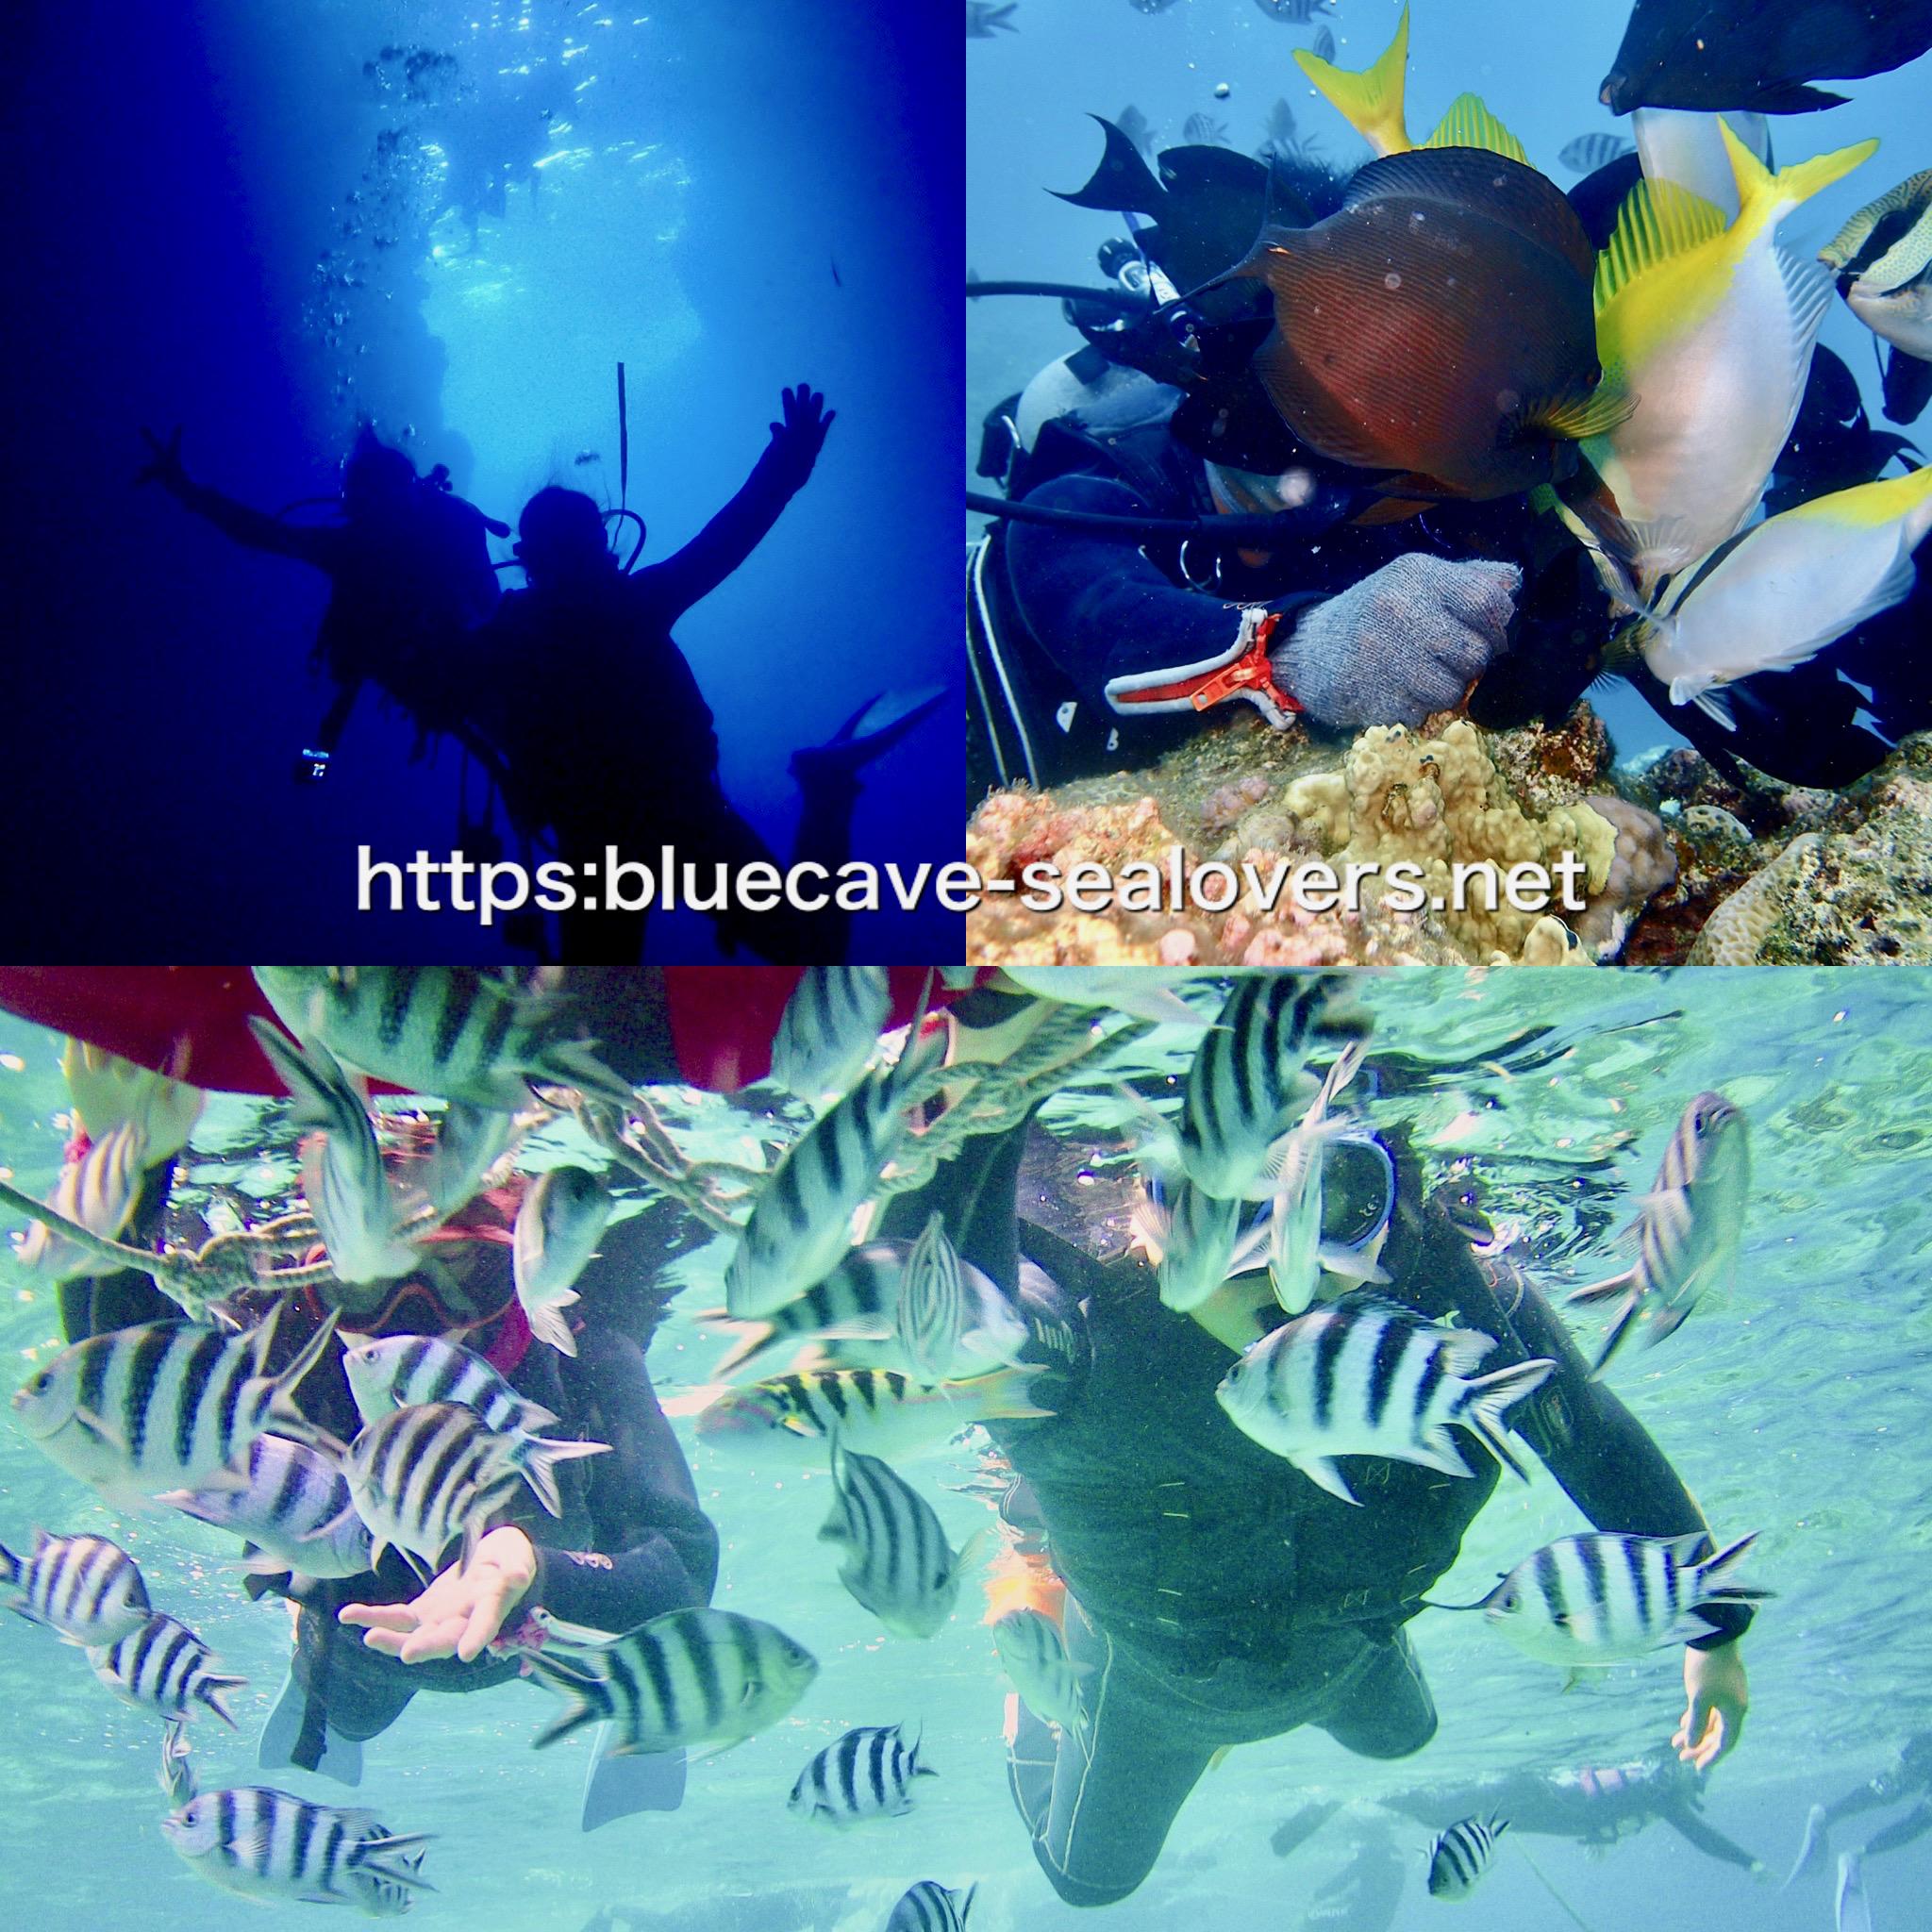 青の洞窟ボート体験ダイビング クマノミ城ボートシュノーケリング ボートファンダイビング